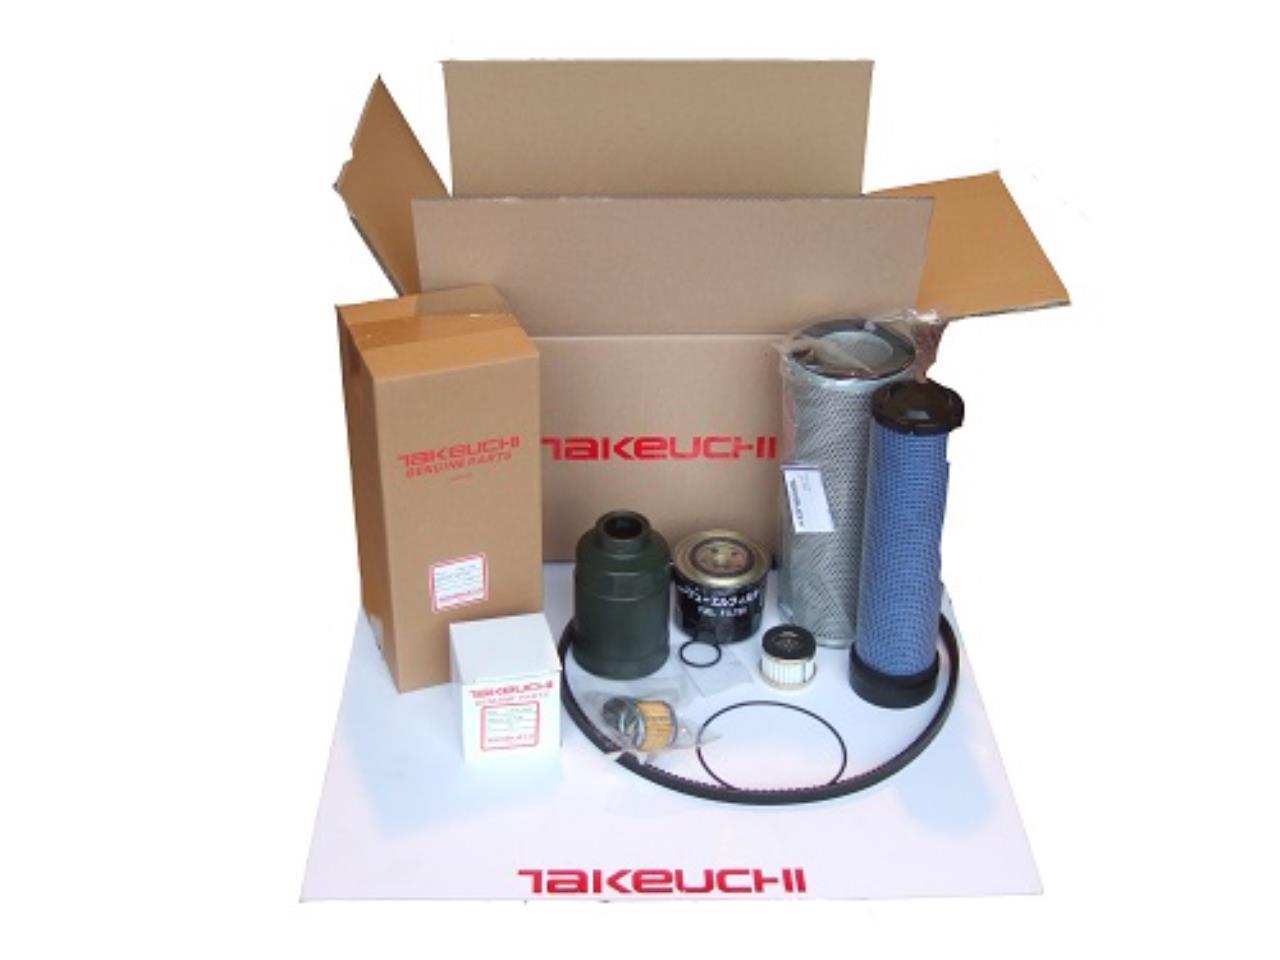 Takeuchi TB1140 filtersæt fra s/n: 51400000